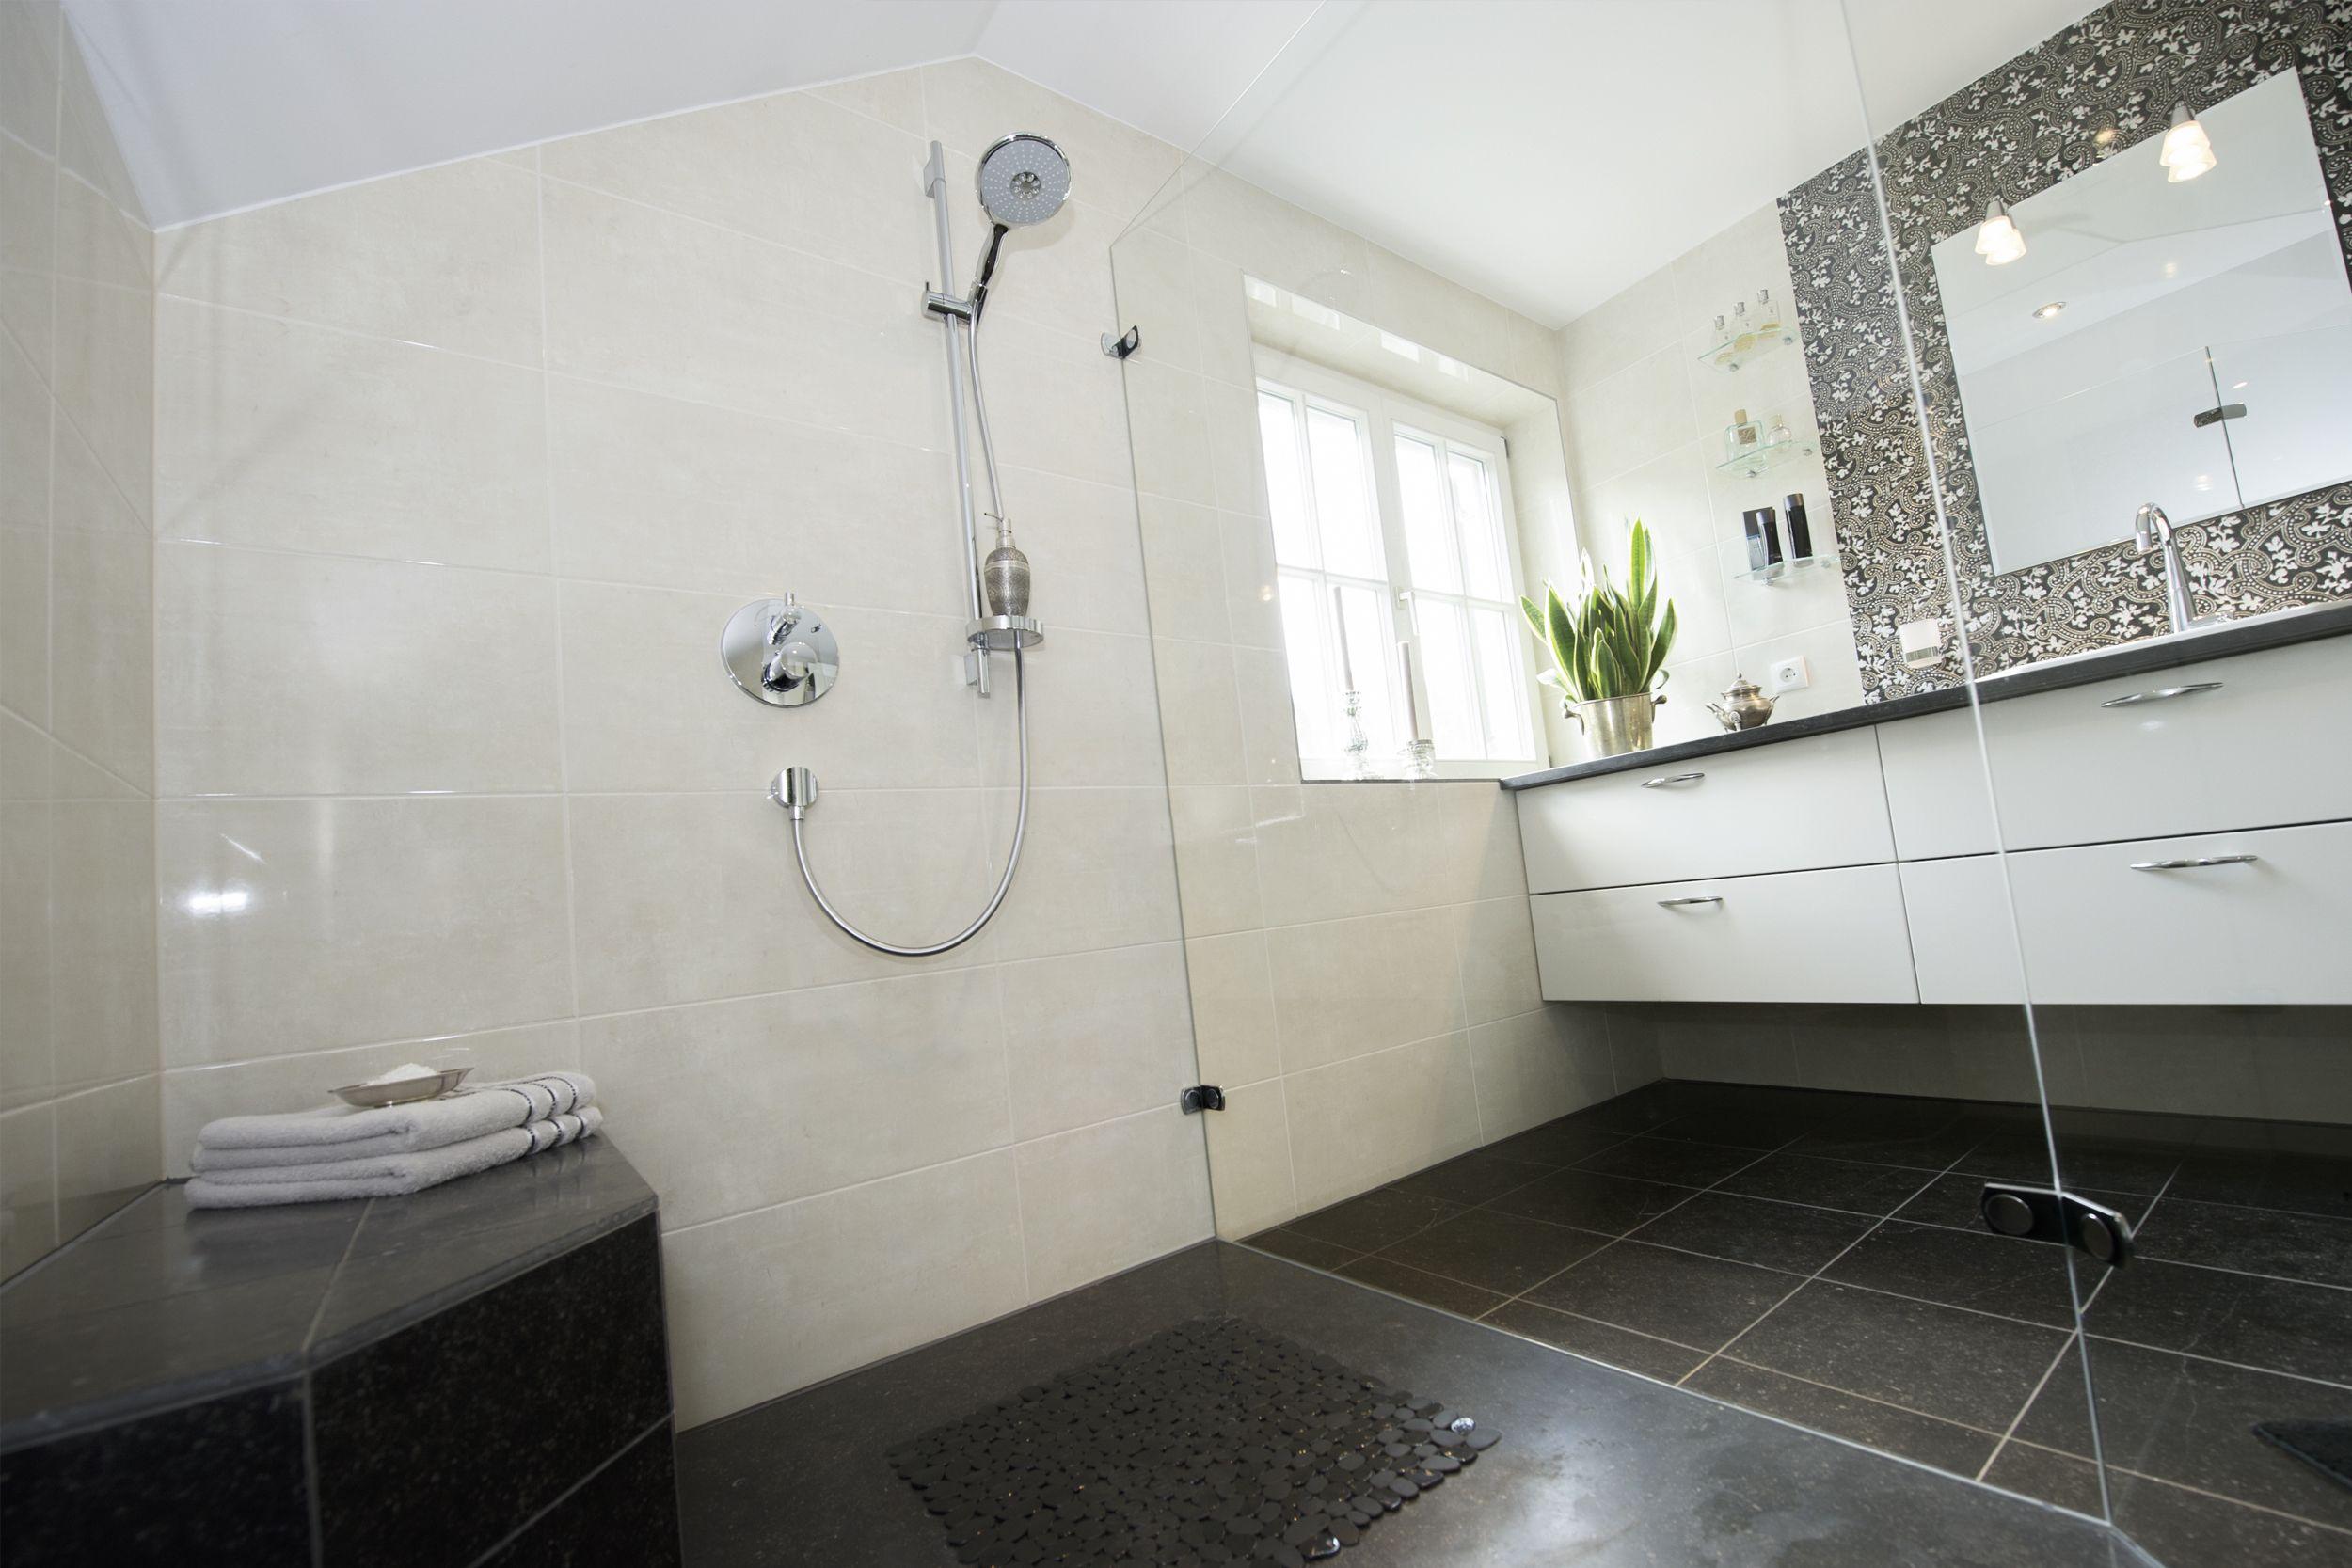 Frei begehbare Dusche mit bodenebenem Einstieg